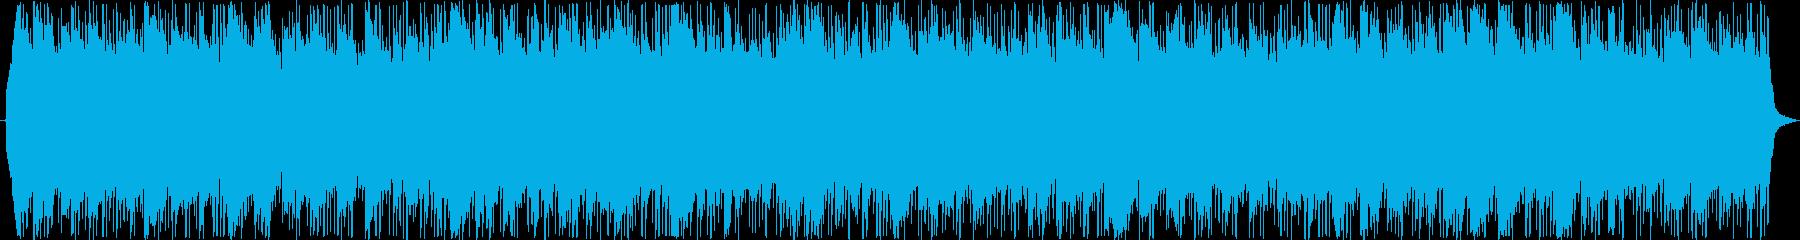 メタル 劇的な 神経質 燃える エ...の再生済みの波形